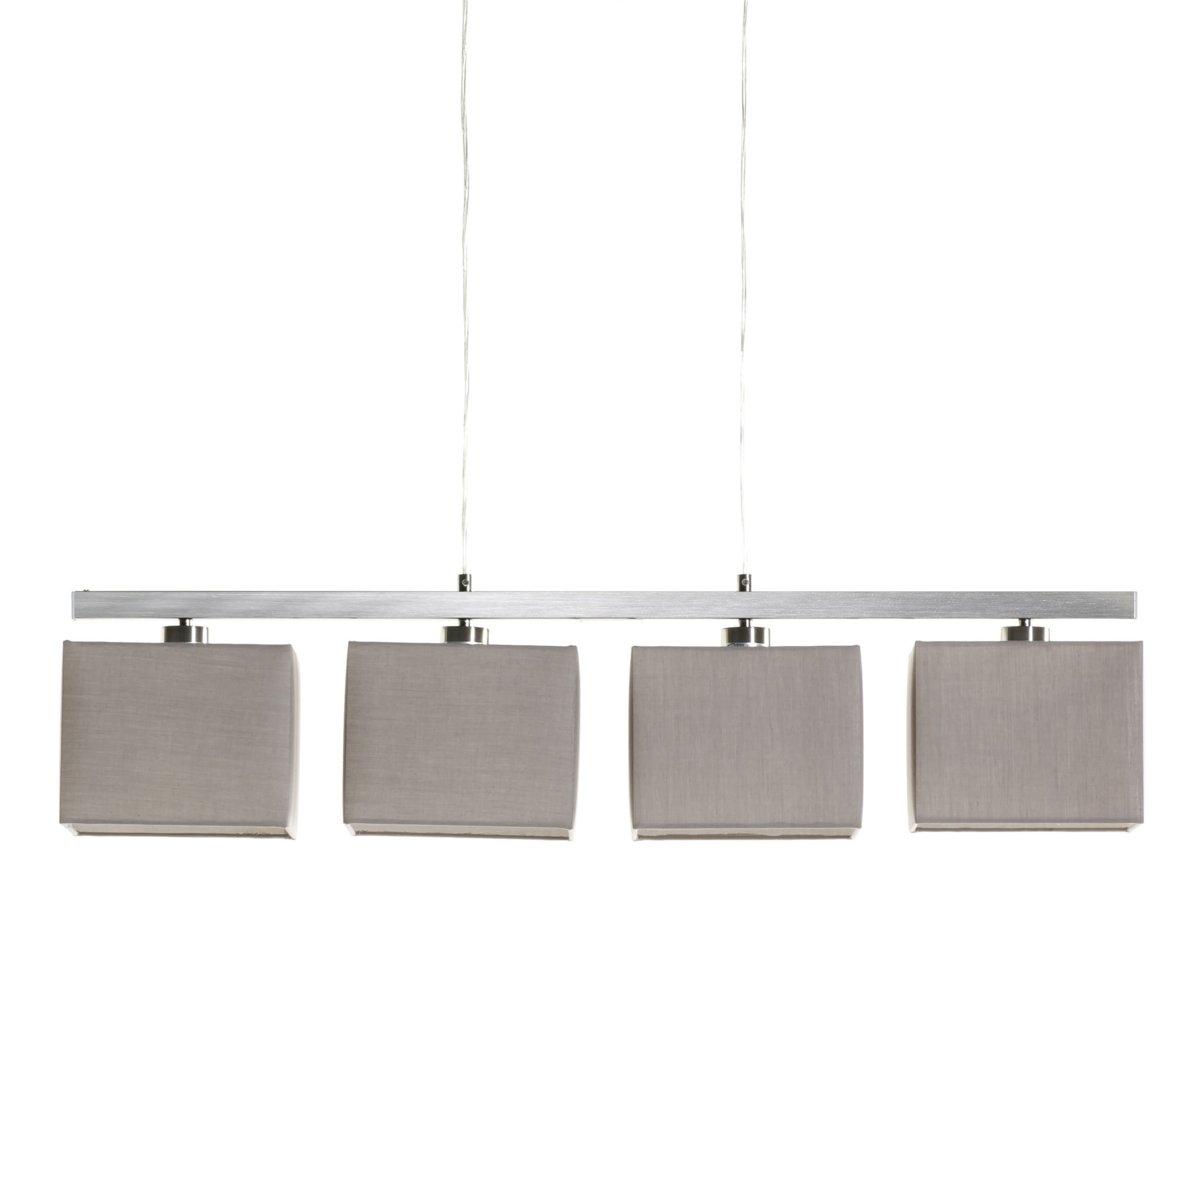 Светильник с 4 абажурами, SioОписание Sio :электрифицированный 4 патрона E27 для лампочки макс 40W (не входят в комплект)  .Регулировка по высоте с помощью 2 прозрачных тросиков .Светильник Sio совместим с лампочками    энергетического класса   : A-B-C-D     Характеристики Sio :Рейка и цоколь плафона из алюминия .        Всю коллекцию светильников вы можете найти на сайте laredoute.ru.        Размеры Sio :Общие размеры : Ширина : 91 смГлубина : 20 смМаксимальная регулируемая высота: 100 см .Абажур  : Ширина : 20 смВысота : 20 см.<br><br>Цвет: темно-серо-каштановый светлый